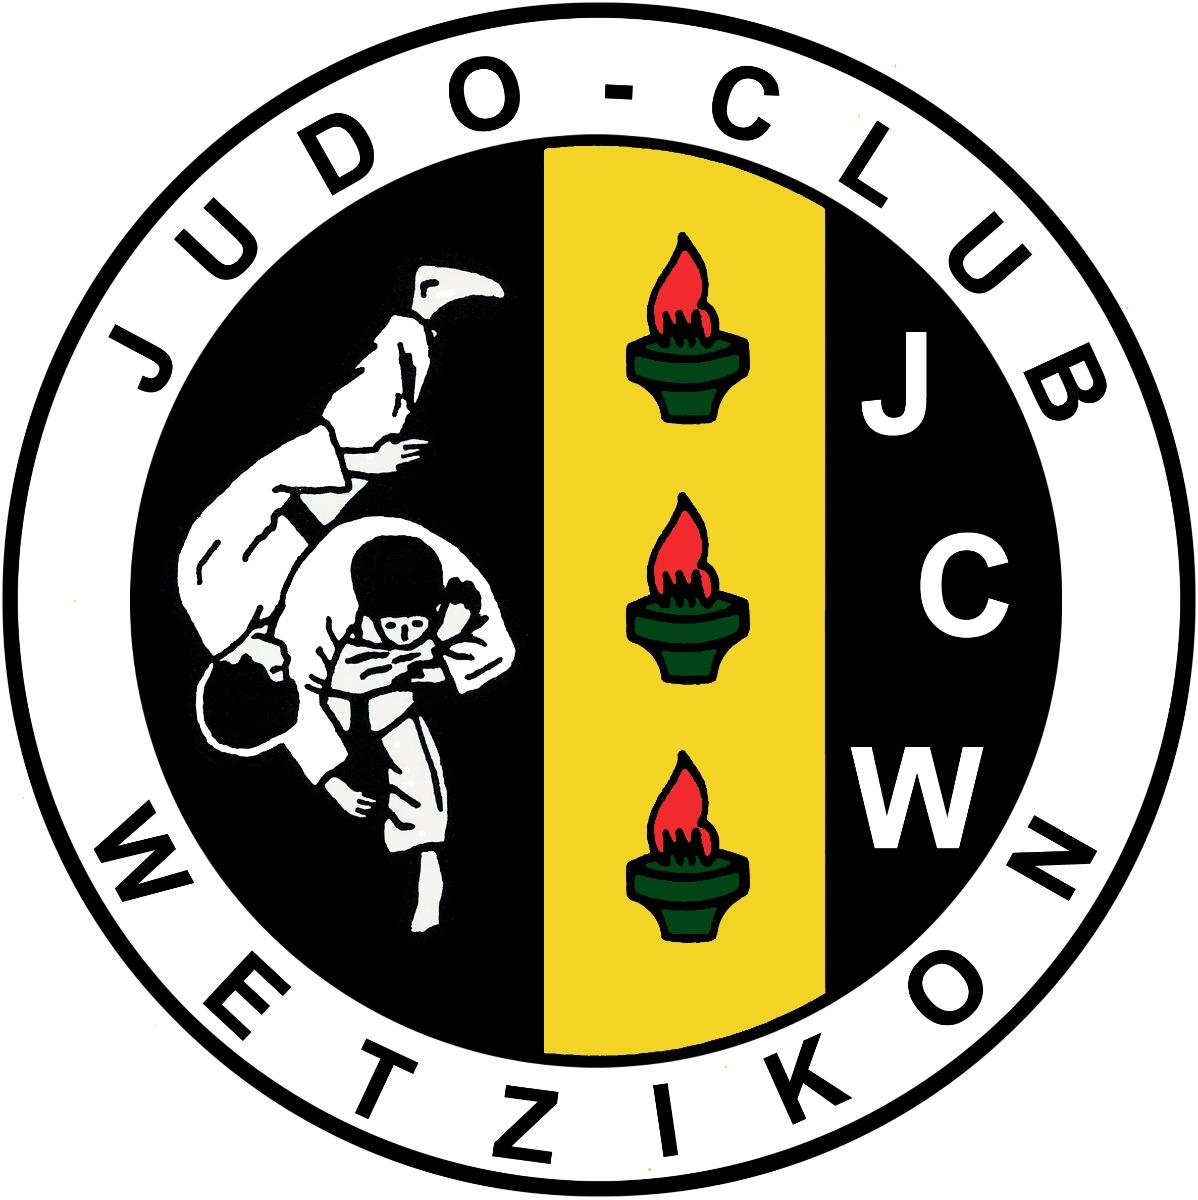 Judo Club Wetzikon